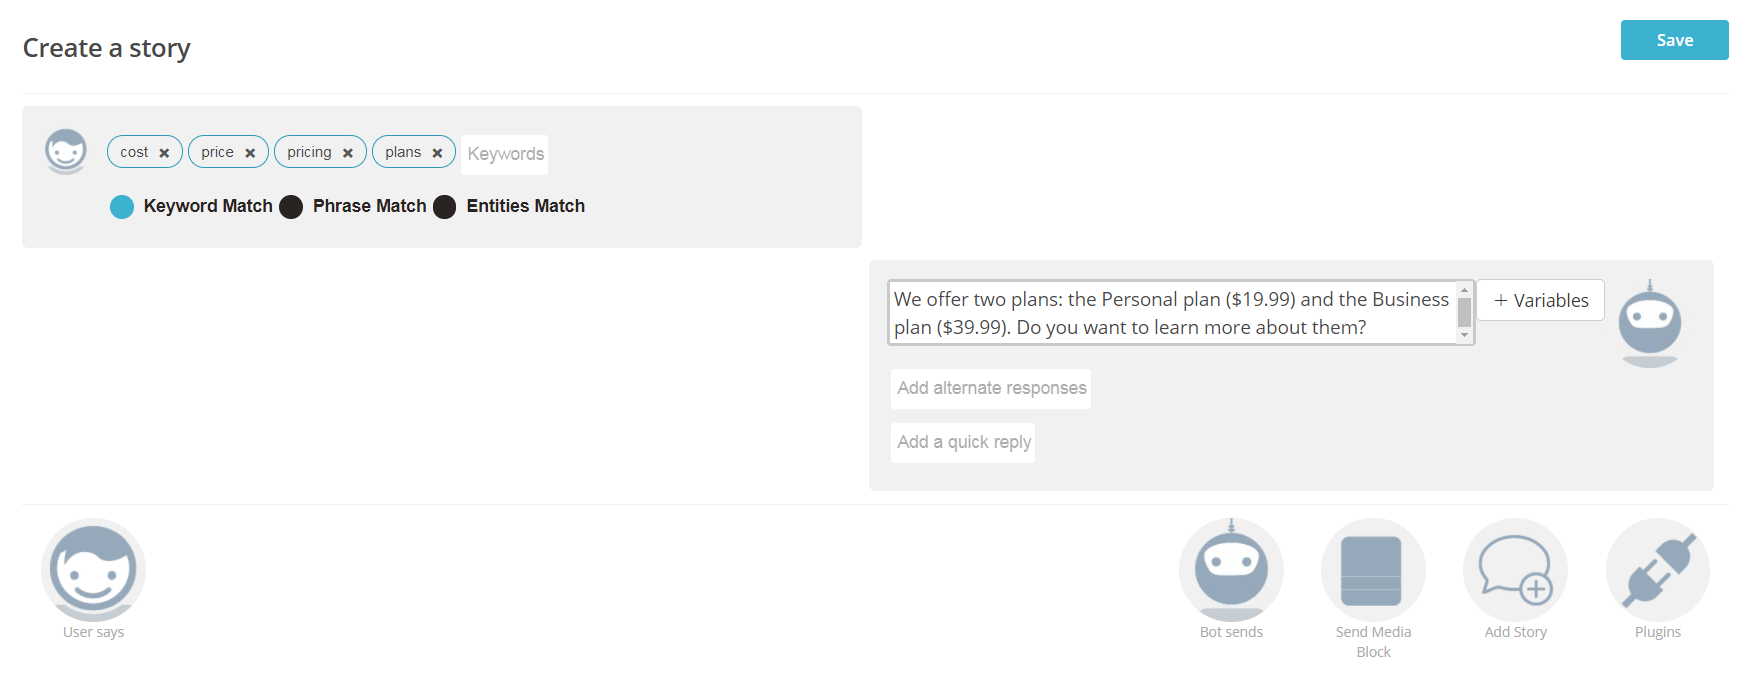 Customizing your Botsify chatbot.